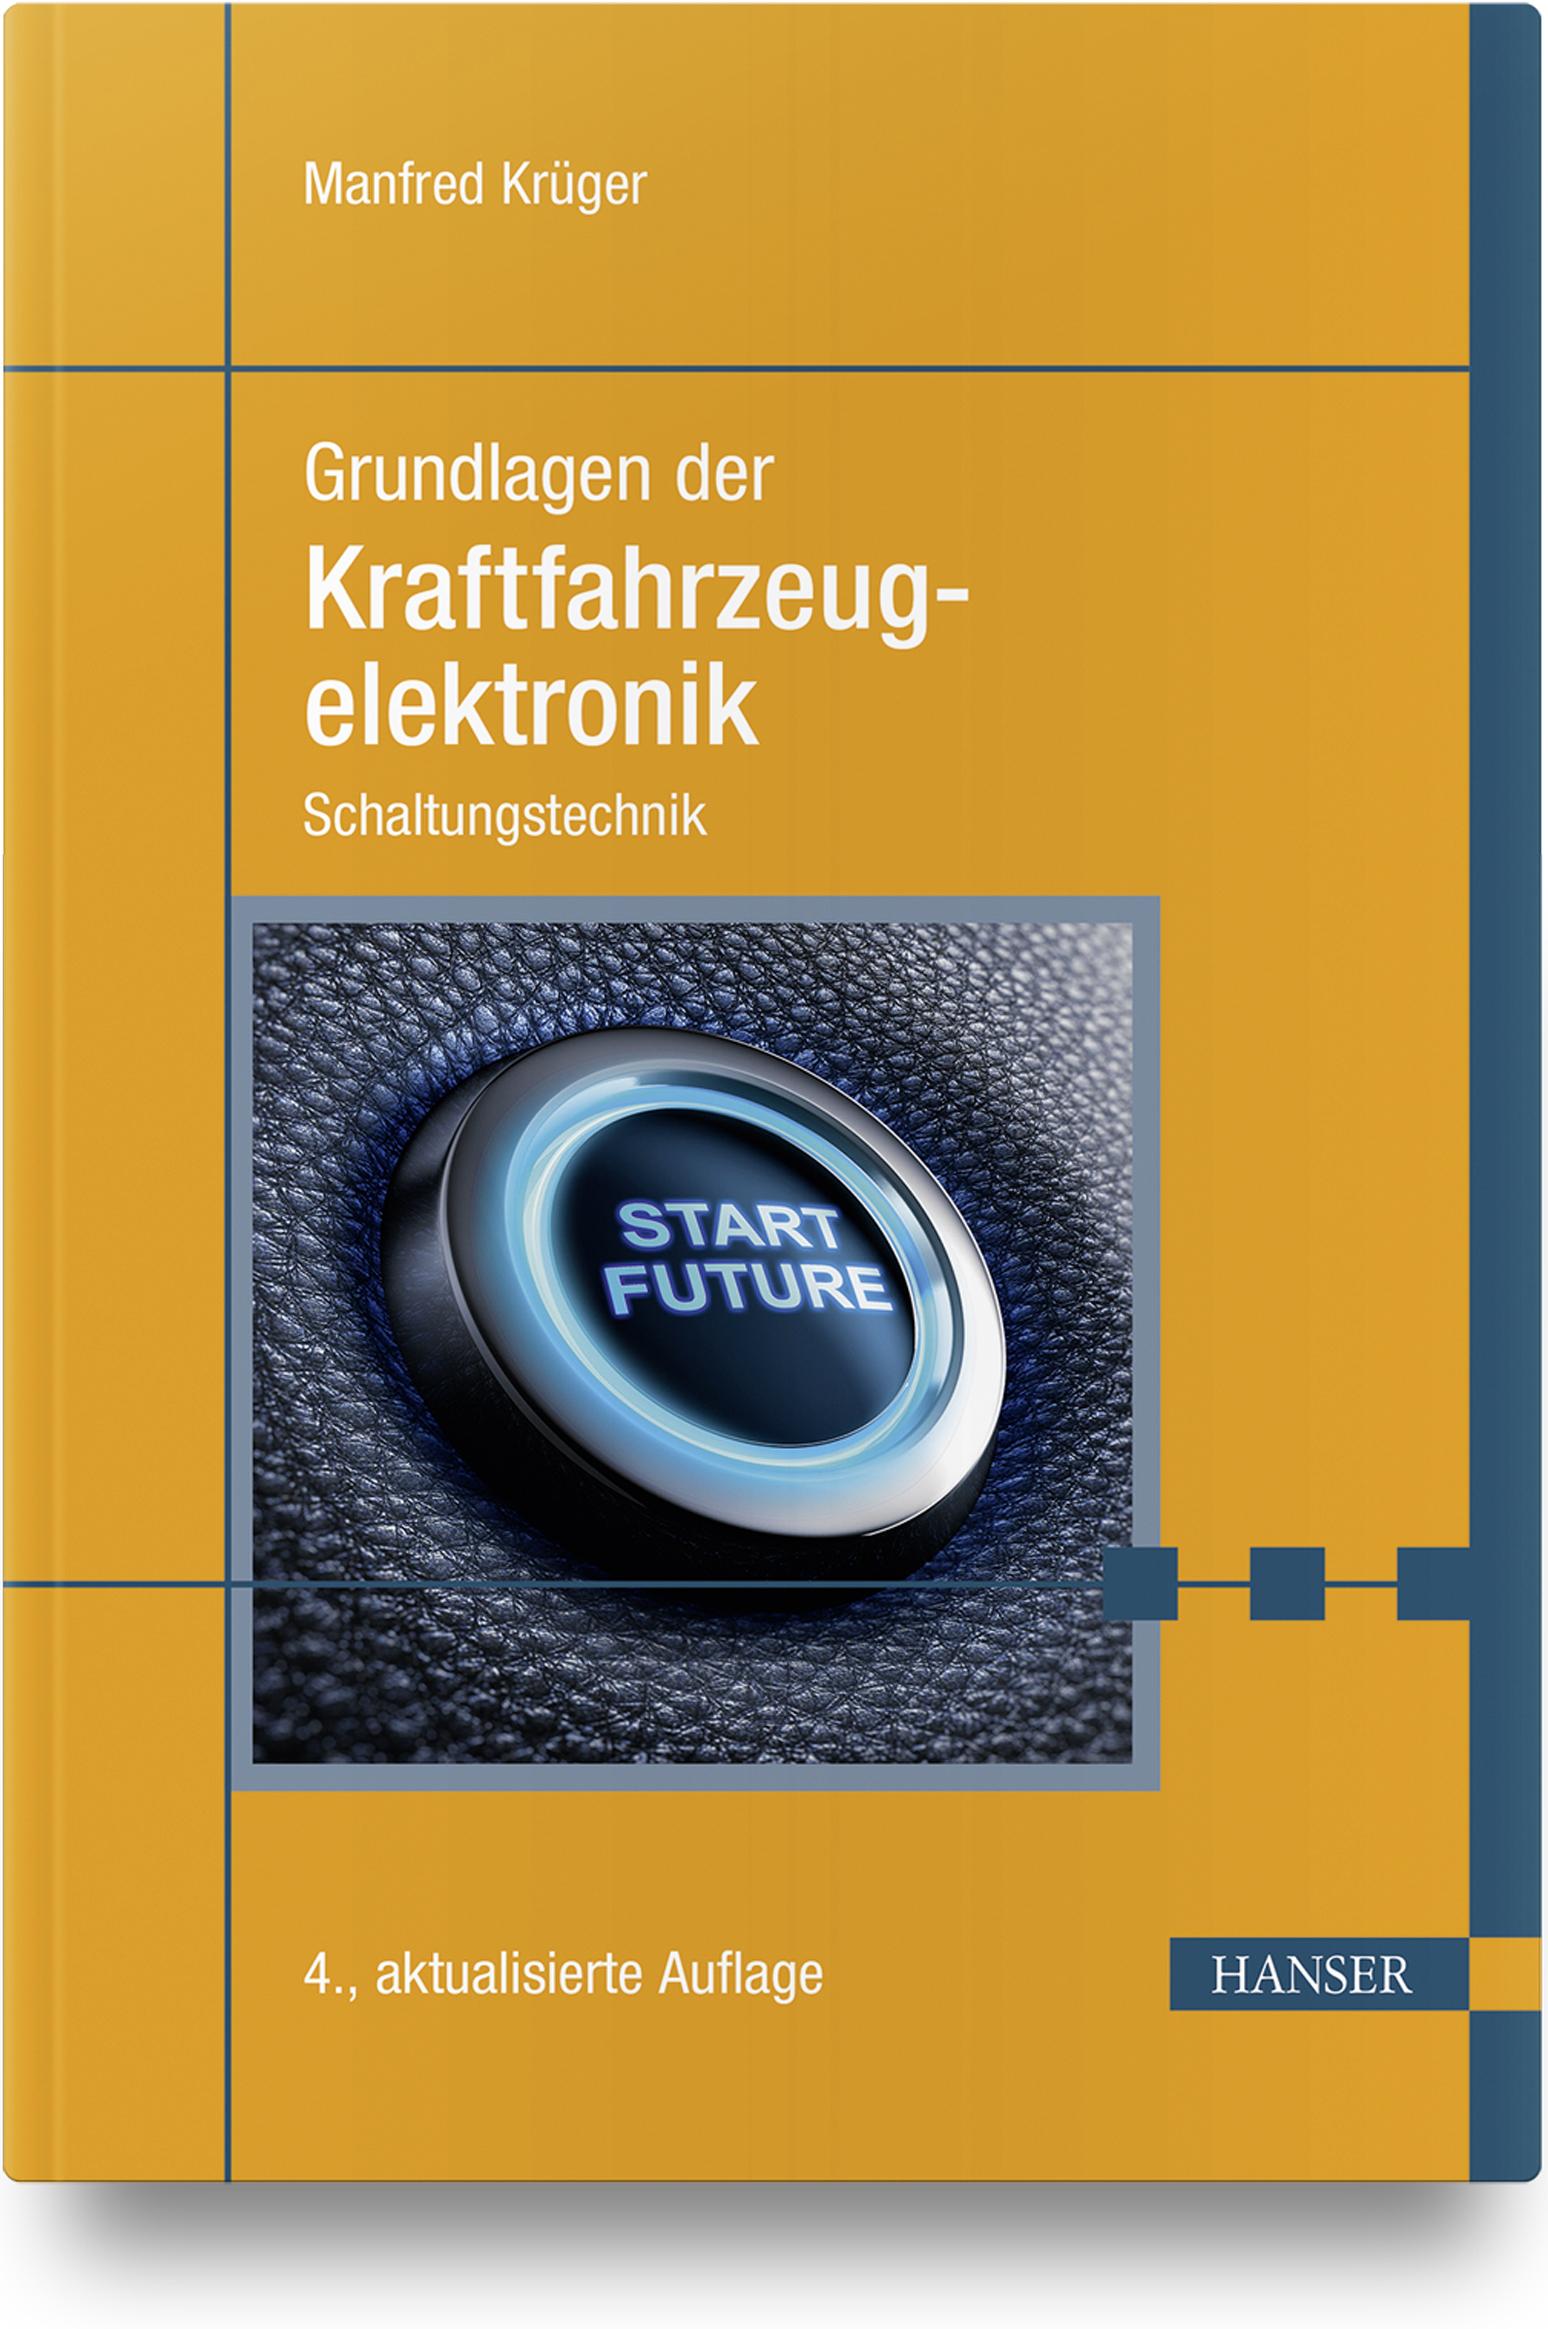 Krüger, Grundlagen der Kraftfahrzeugelektronik, 978-3-446-46320-2